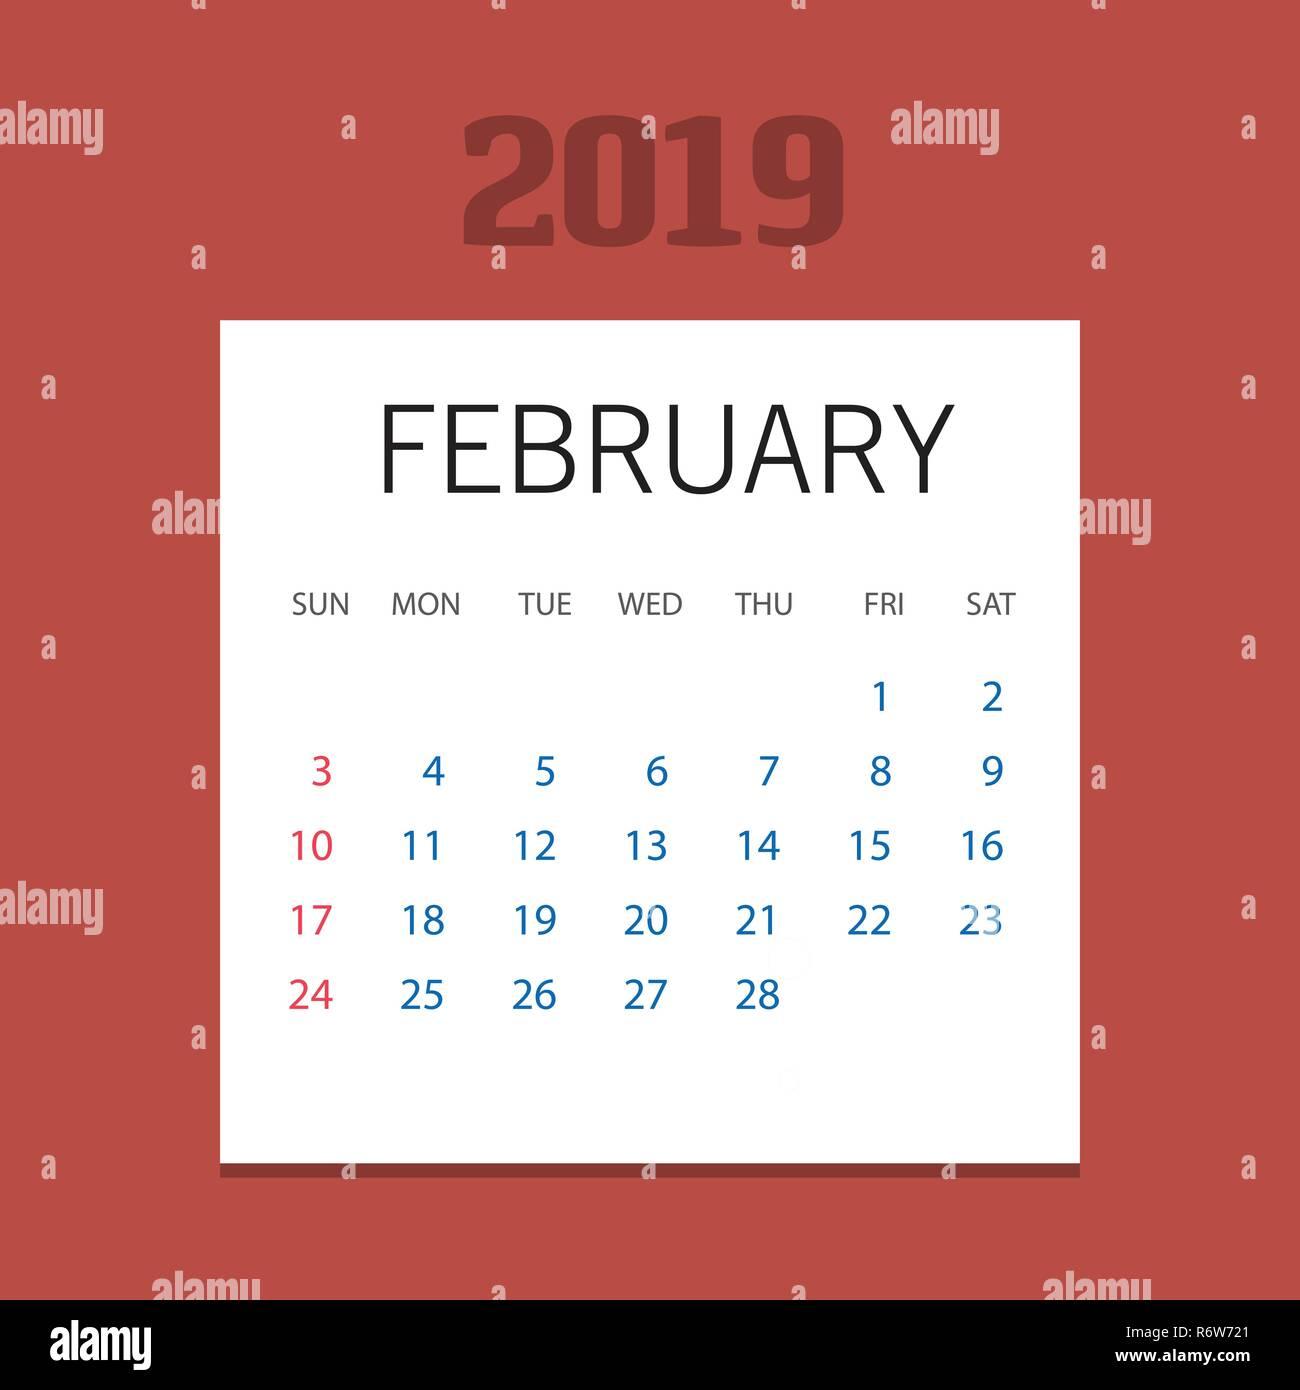 Christmas 2019 Calendar.2019 Happy New Year February Calendar Template Christmas